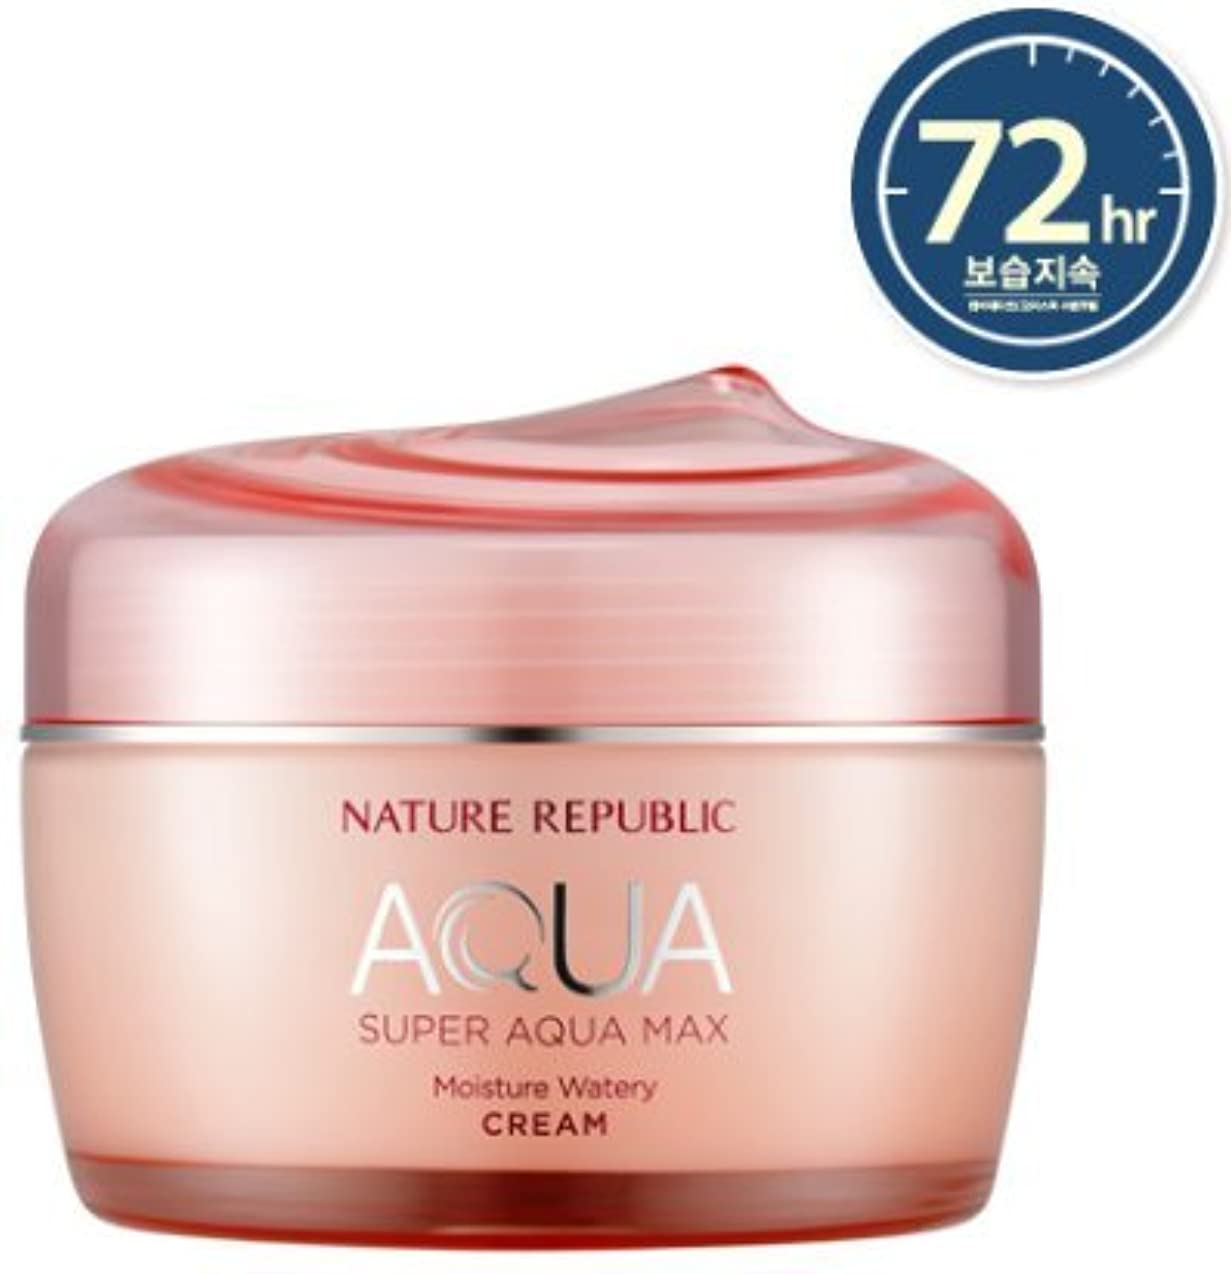 湾アトラス危険な[NATURE REPUBLIC] スーパーアクアマックスモイスチャー水分クリーム / Super Aqua Max Moisture Watery Cream 80ml (乾燥肌用) [並行輸入品]